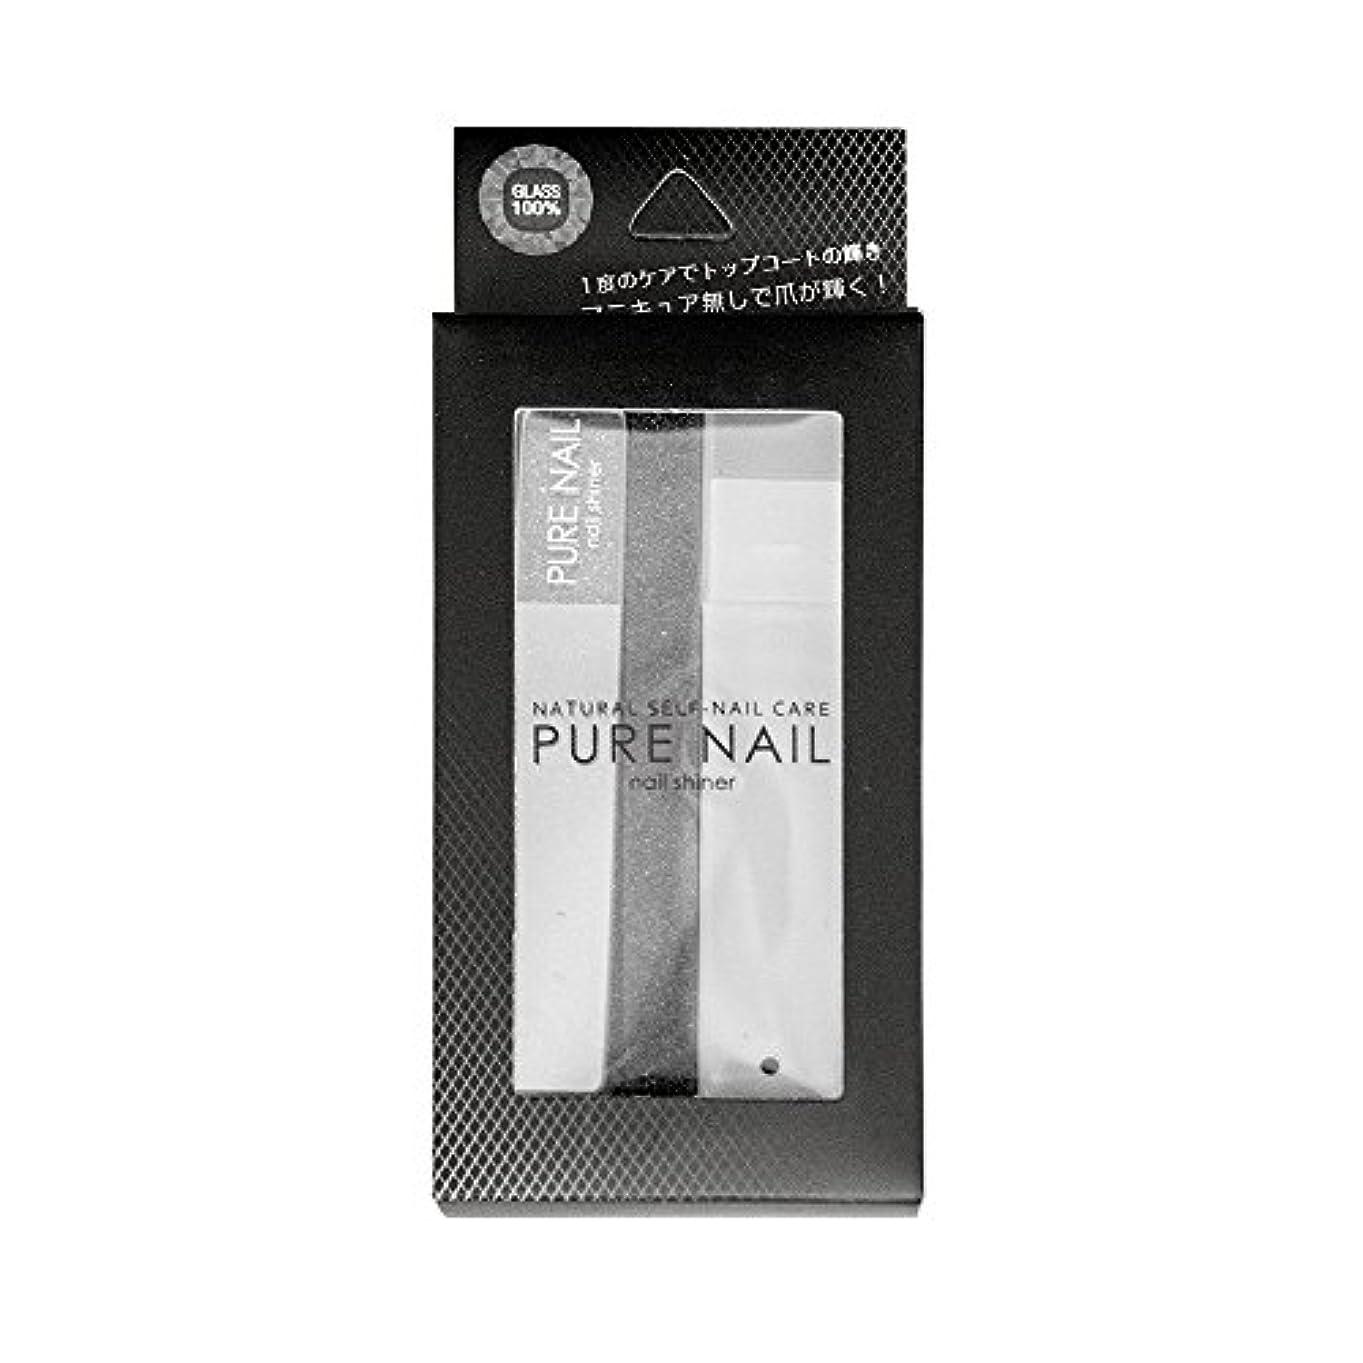 グリップ持ってる倫理ピュアネイル PURE NAIL ガラス製 爪磨き 爪ヤスリ ガラス 爪みがき 爪やすり ネイルケア